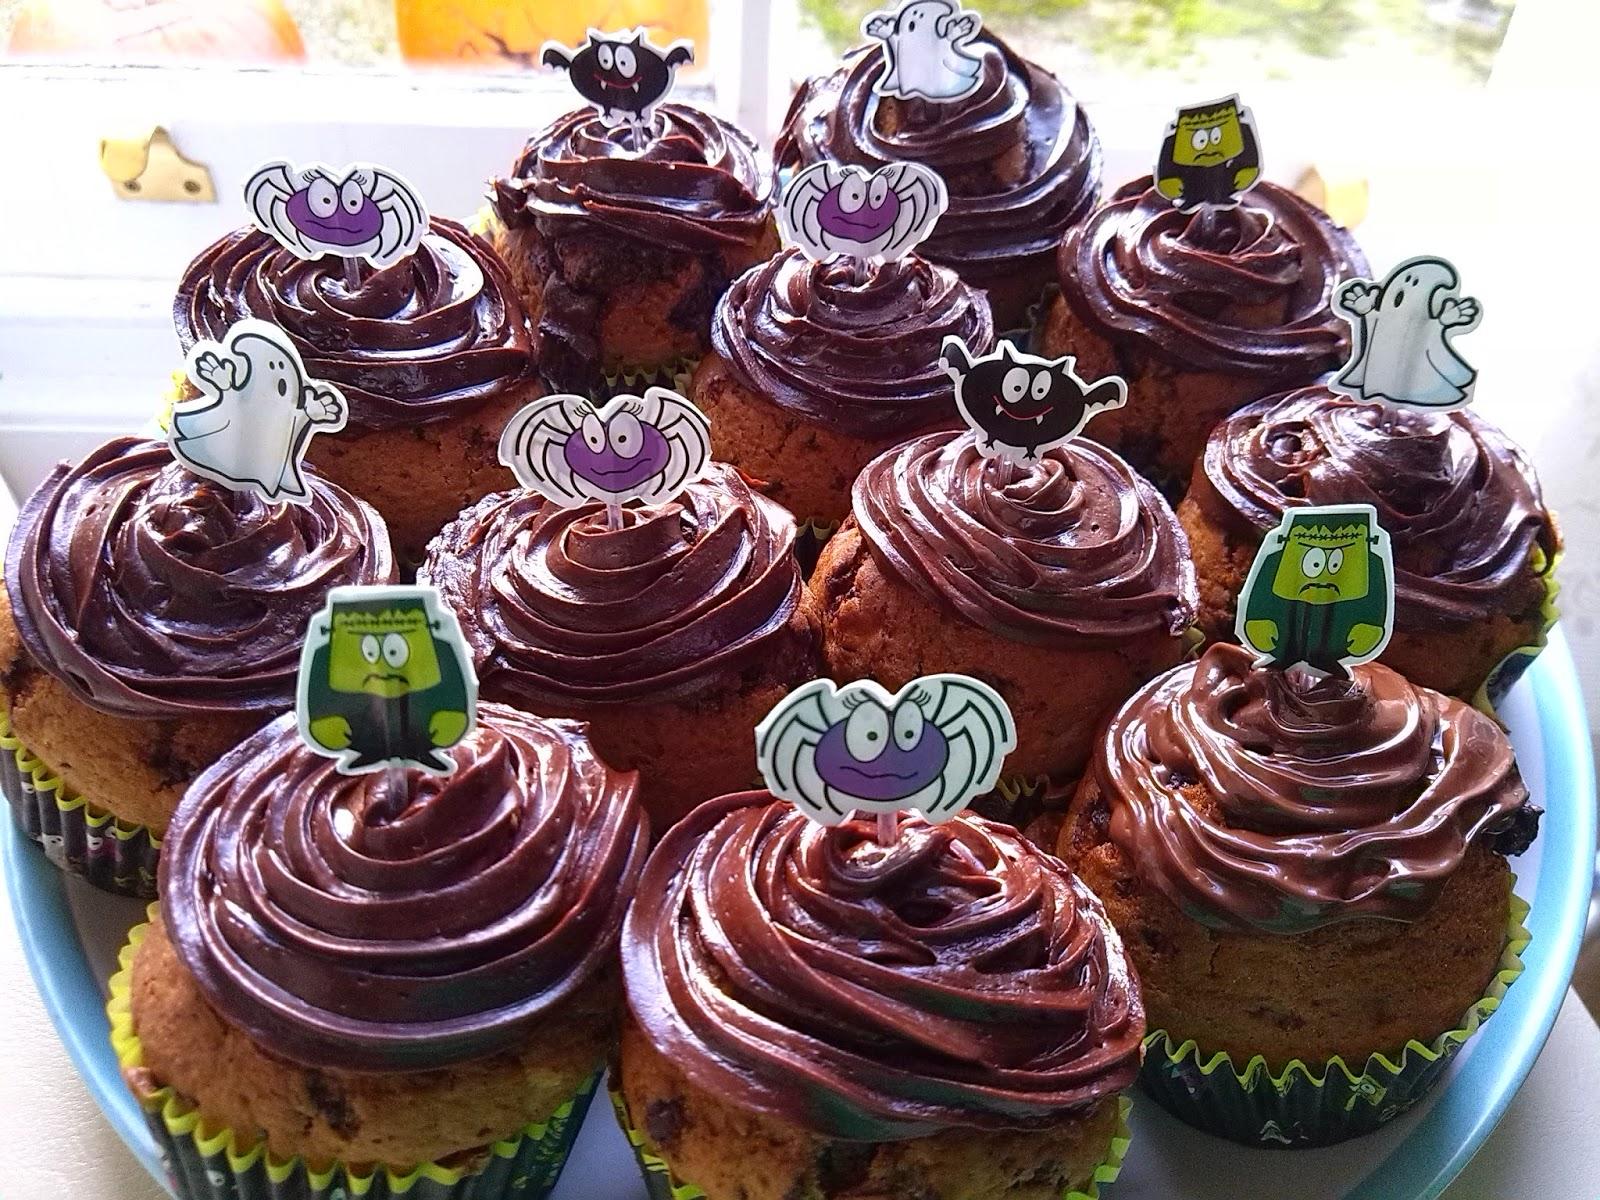 halloween muffins, halloween cupcakes, halloween baking, icing, poundland decorations, spider, bat, frankenstein, ghost